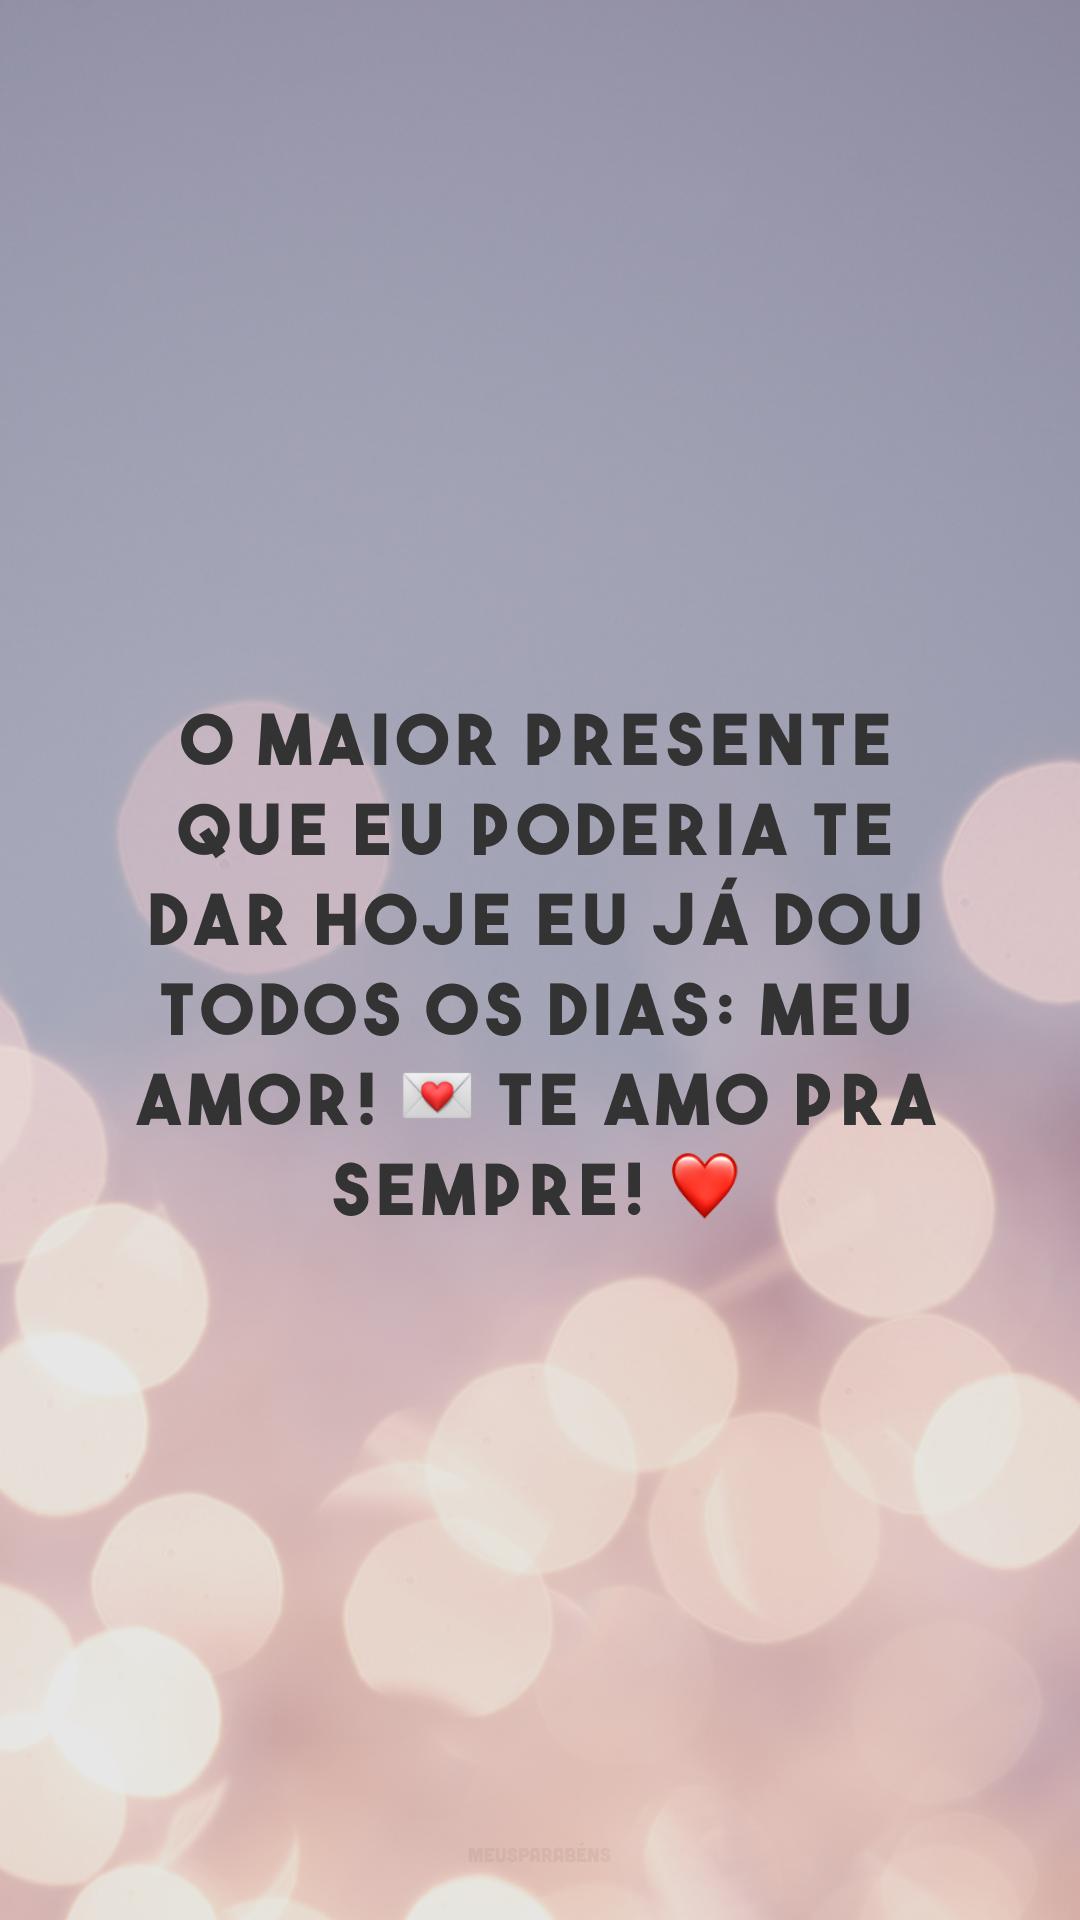 O maior presente que eu poderia te dar hoje eu já dou todos os dias: meu amor! 💌 Te amo pra sempre! ❤️